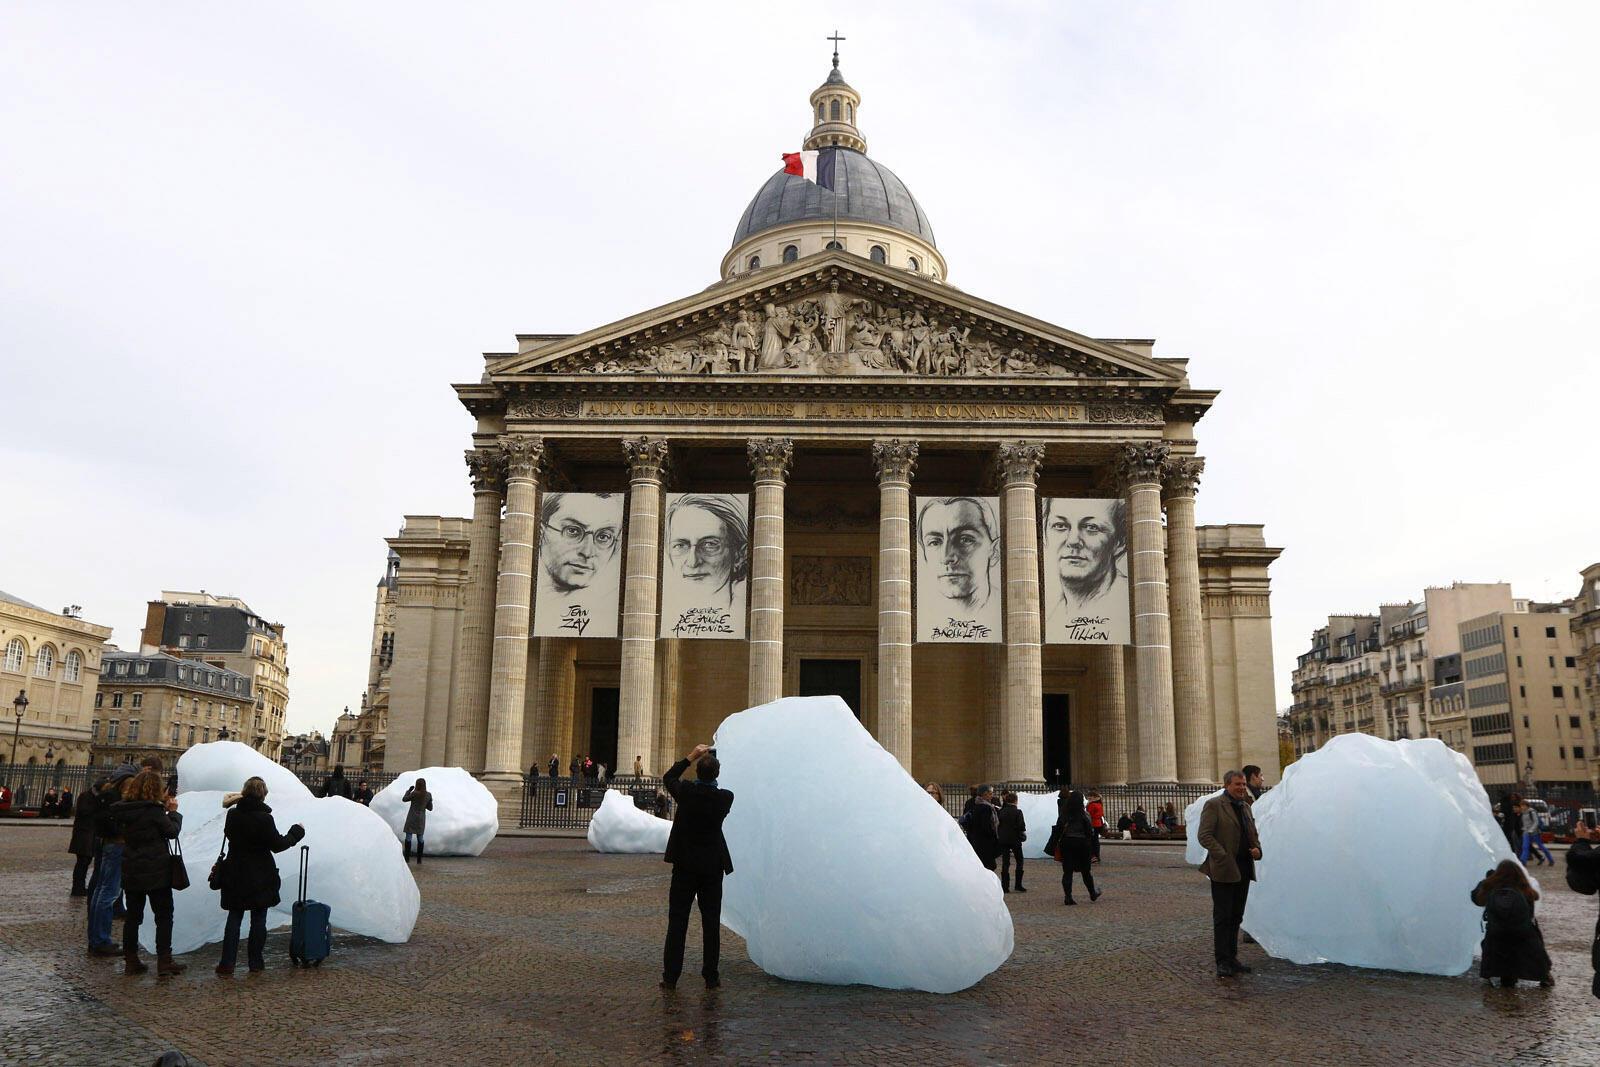 12 khối băng mang từ đảo Groënland đặt trước Panthéon - Điện thờ danh nhân nước Pháp (Paris), như một biểu tượng cho tính khẩn cấp thiết của cuộc chiến chống biến đổi khí hậu